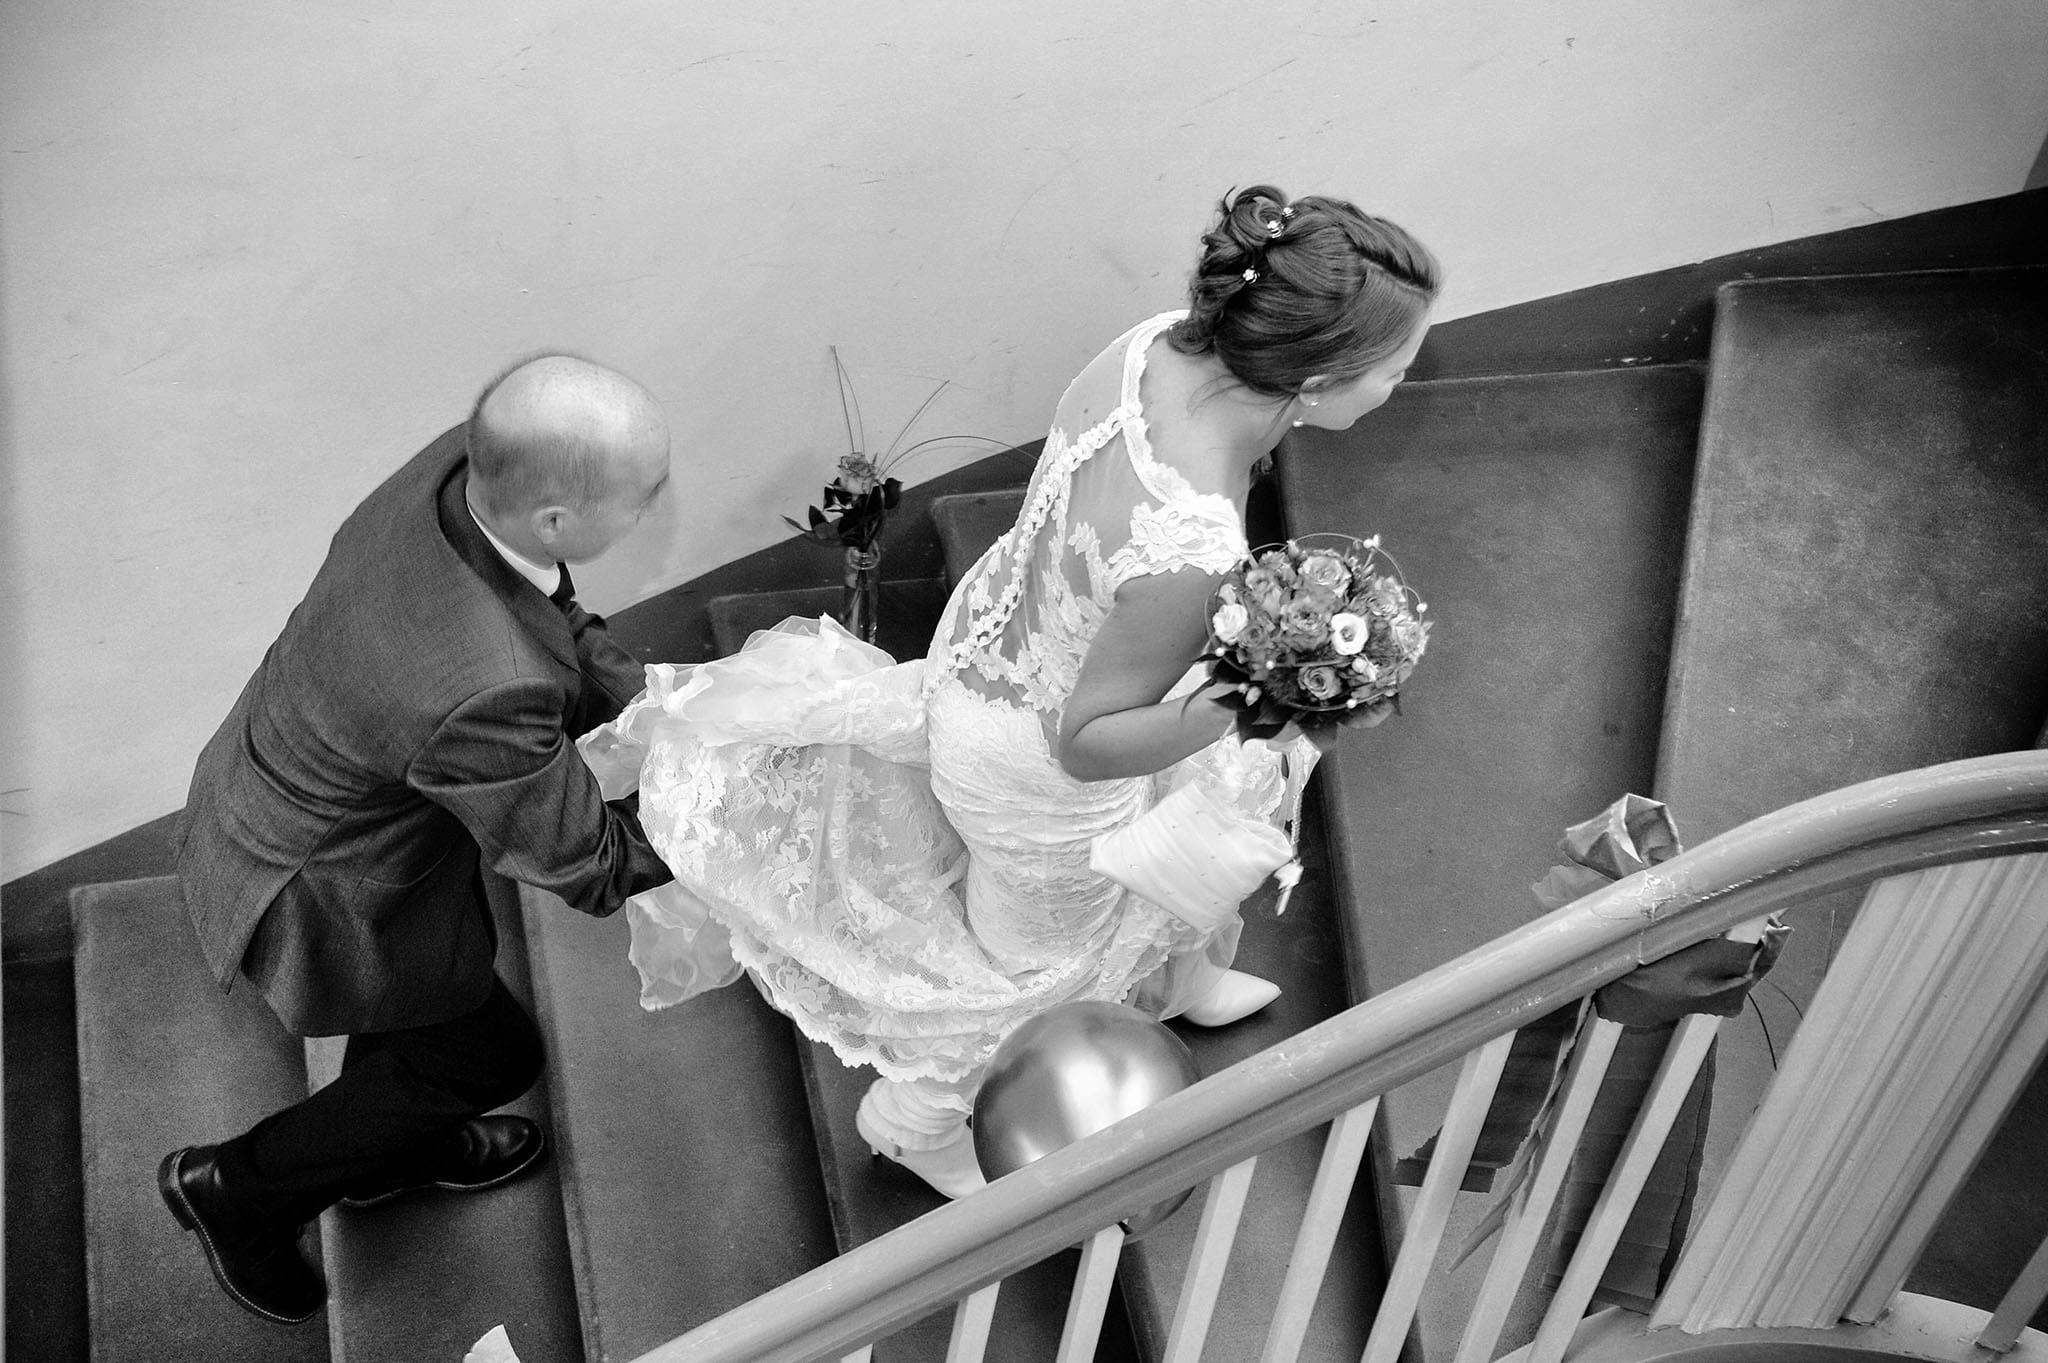 Hochzeit 005 Braut Hochzeit heiraten Foto fotografieren Bensheim Bergstraße Brautkleid Standesamt Lorsch Hochzeitsfoto Daniel Fuss Fotografie